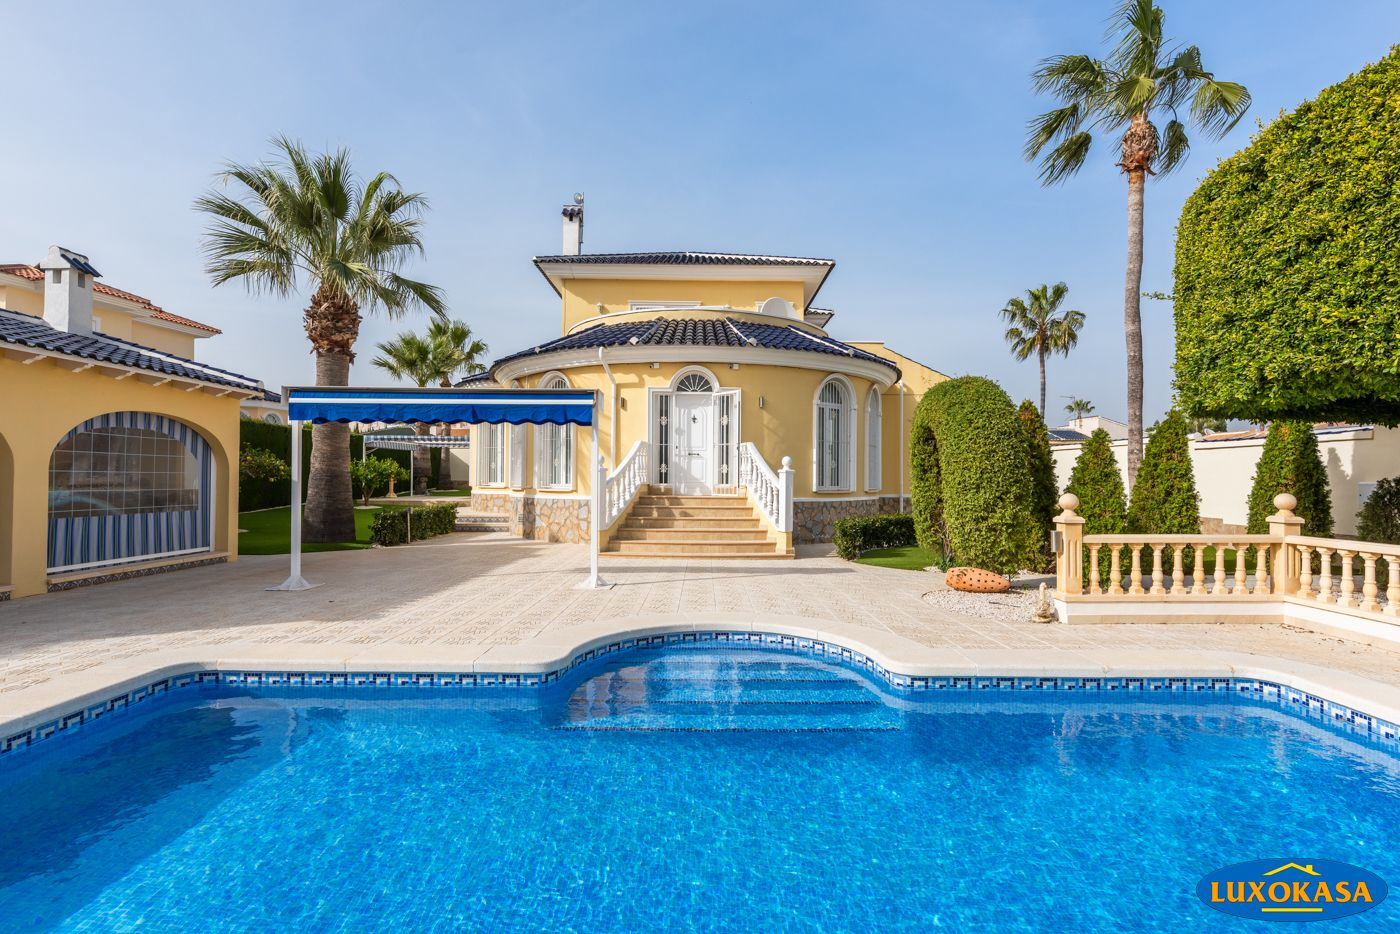 Villa de Lujo en Rojales, Doña Pepa, venta